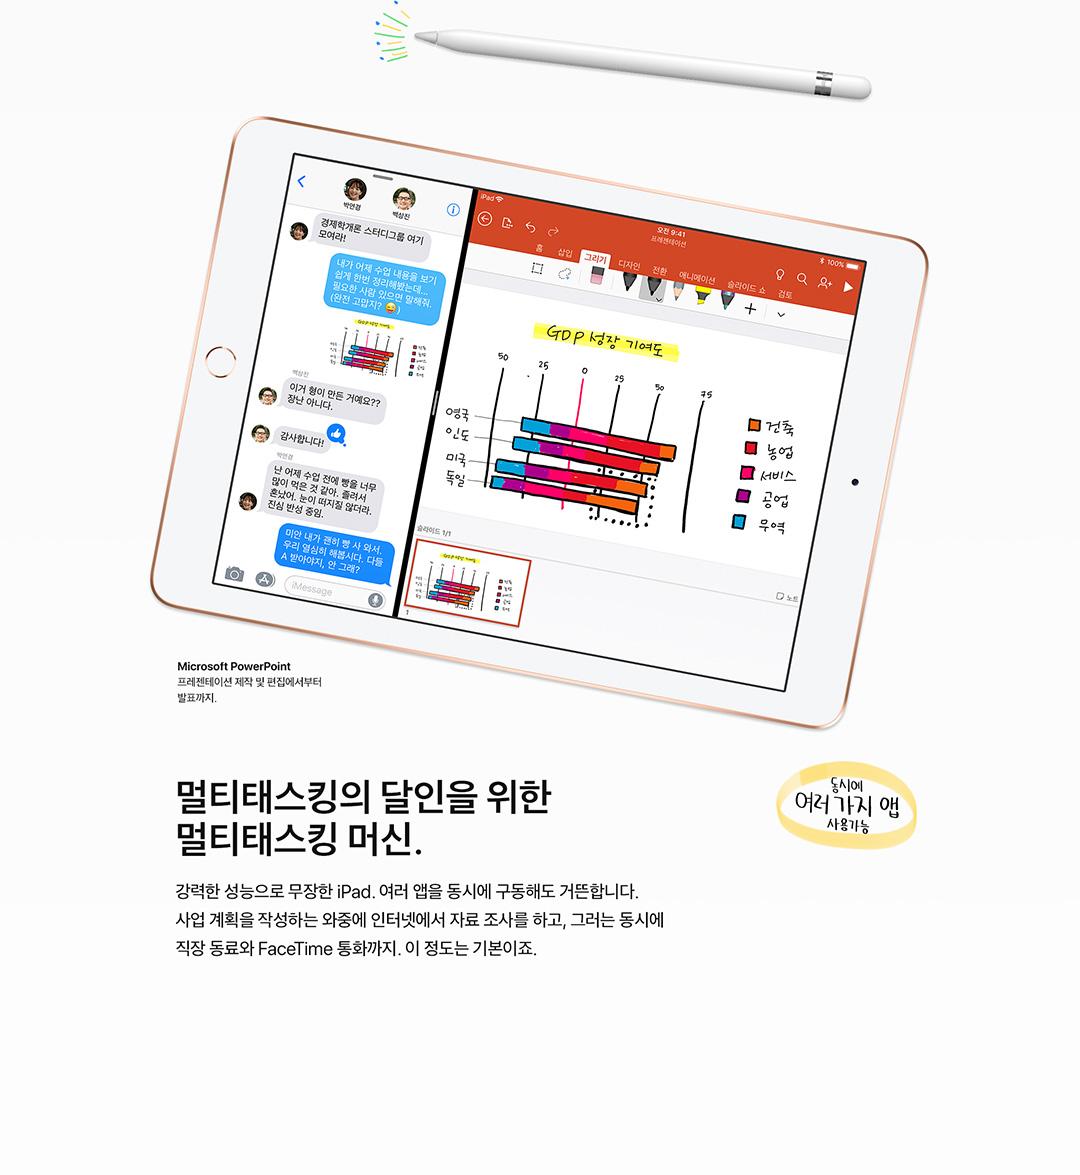 멀티태스킹의 달인을 위한 멀티태스킹 머신. 강력한 성능으로 무장한 iPad. 여러 앱을 동시에 구동해도 거뜬합니다. 사업 계획서를 작성하는 와중에 인터넷에서 자료 조사를 하고, 그러는 동시에 직장 동료와 FaceTime 통화까지. 이 정도는 기본이죠.